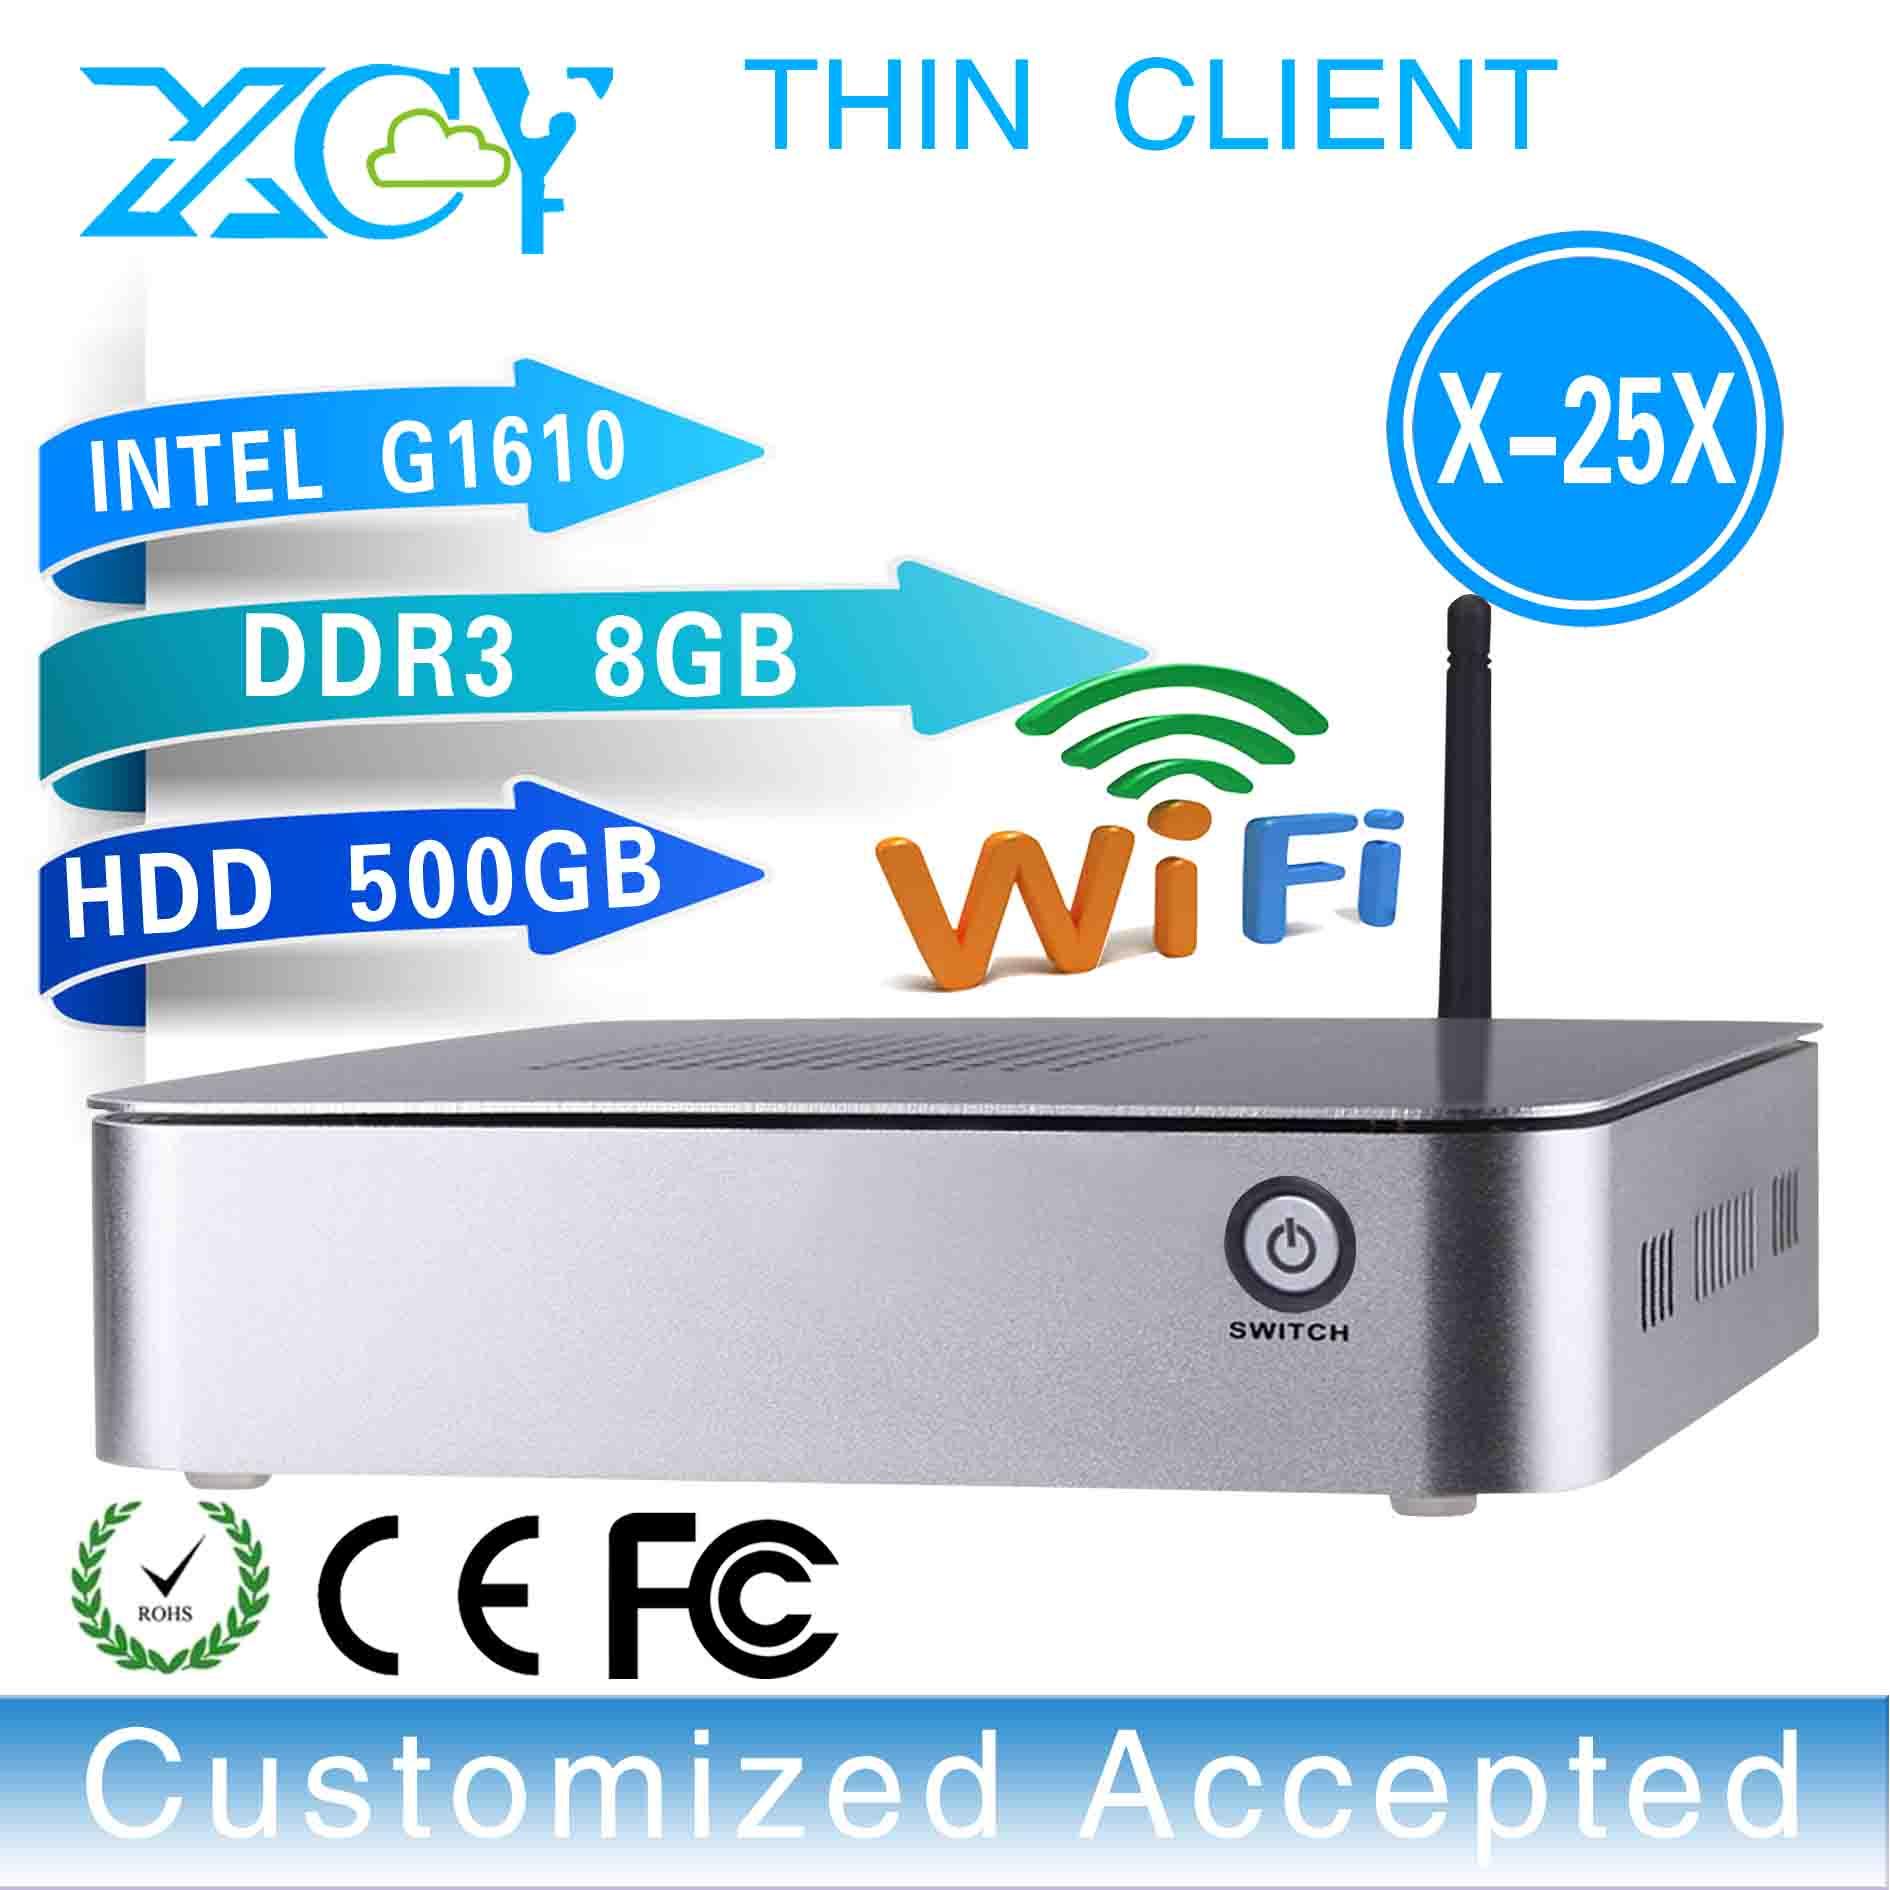 Mini Itx Mini Pc Optiplex Thin Client X-25x G1610 Wifi Support Os WIN7, Linux, Windows XP,Ubuntu Debian 8GB RAM 500GB HDD(China (Mainland))